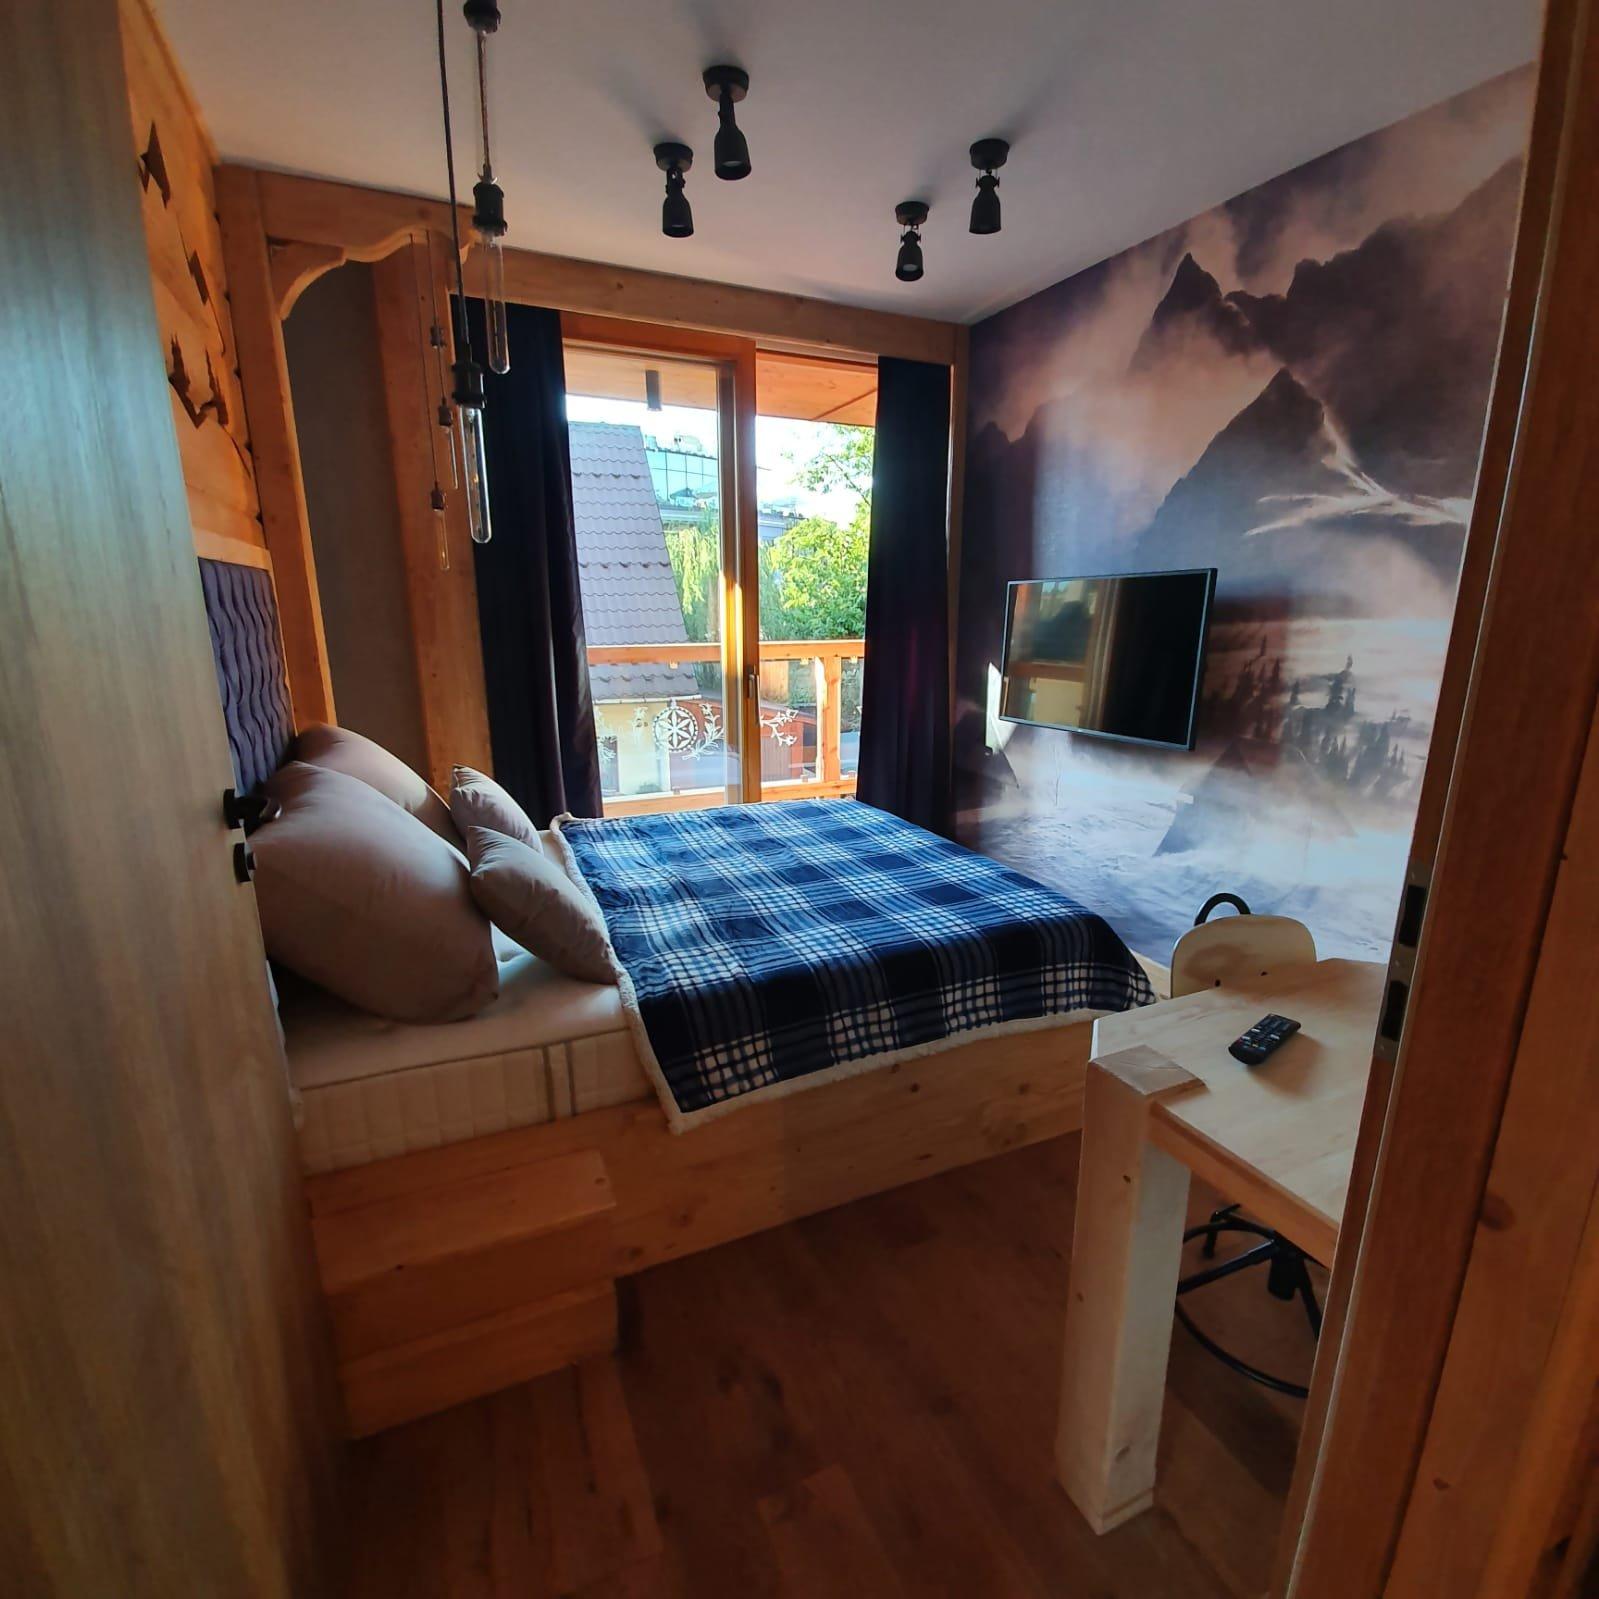 Apartament BACIARA-prywatny, 2 pok., przy Krupówkach,Zakopane-5281